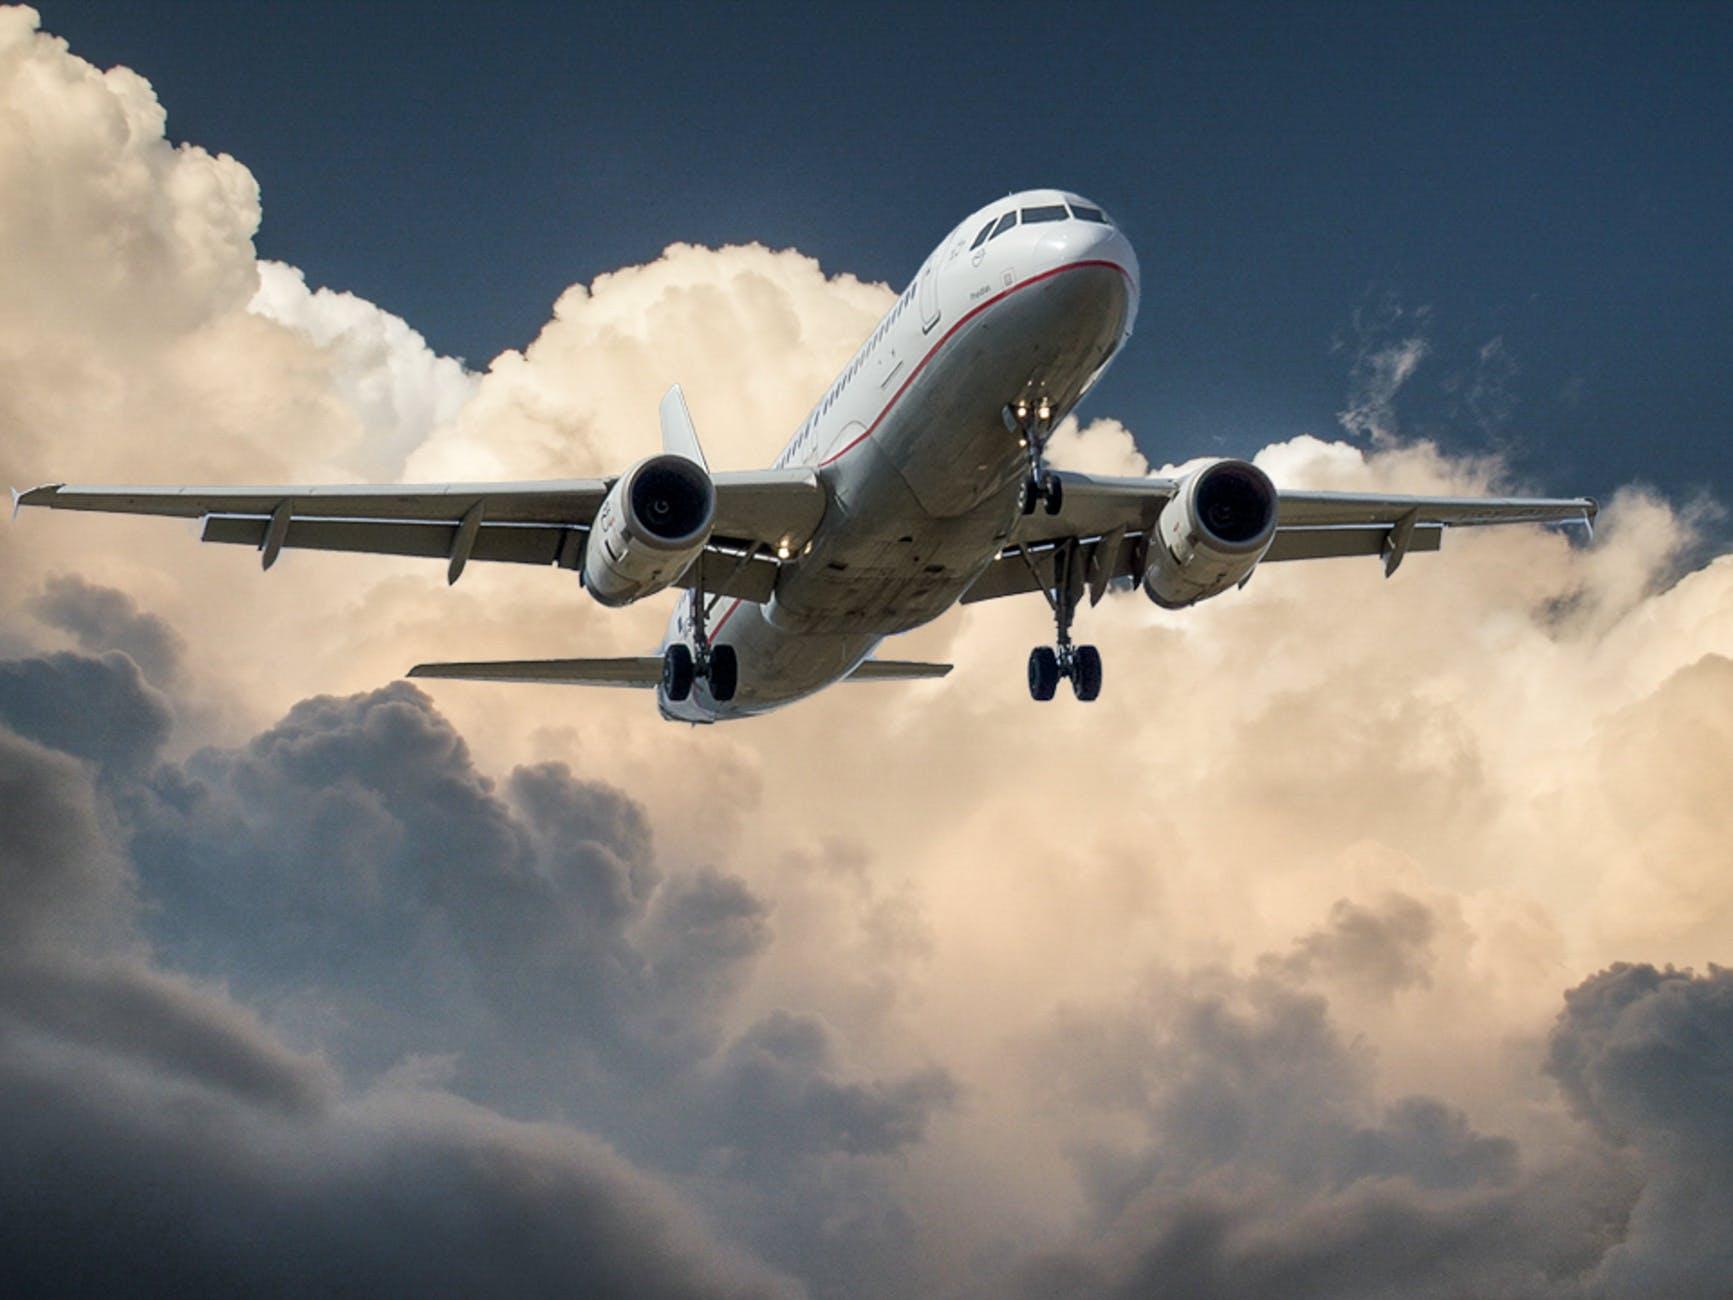 Retour Sur Le Canular De L Avion Qui A Atterri 37 Ans Plus Tard